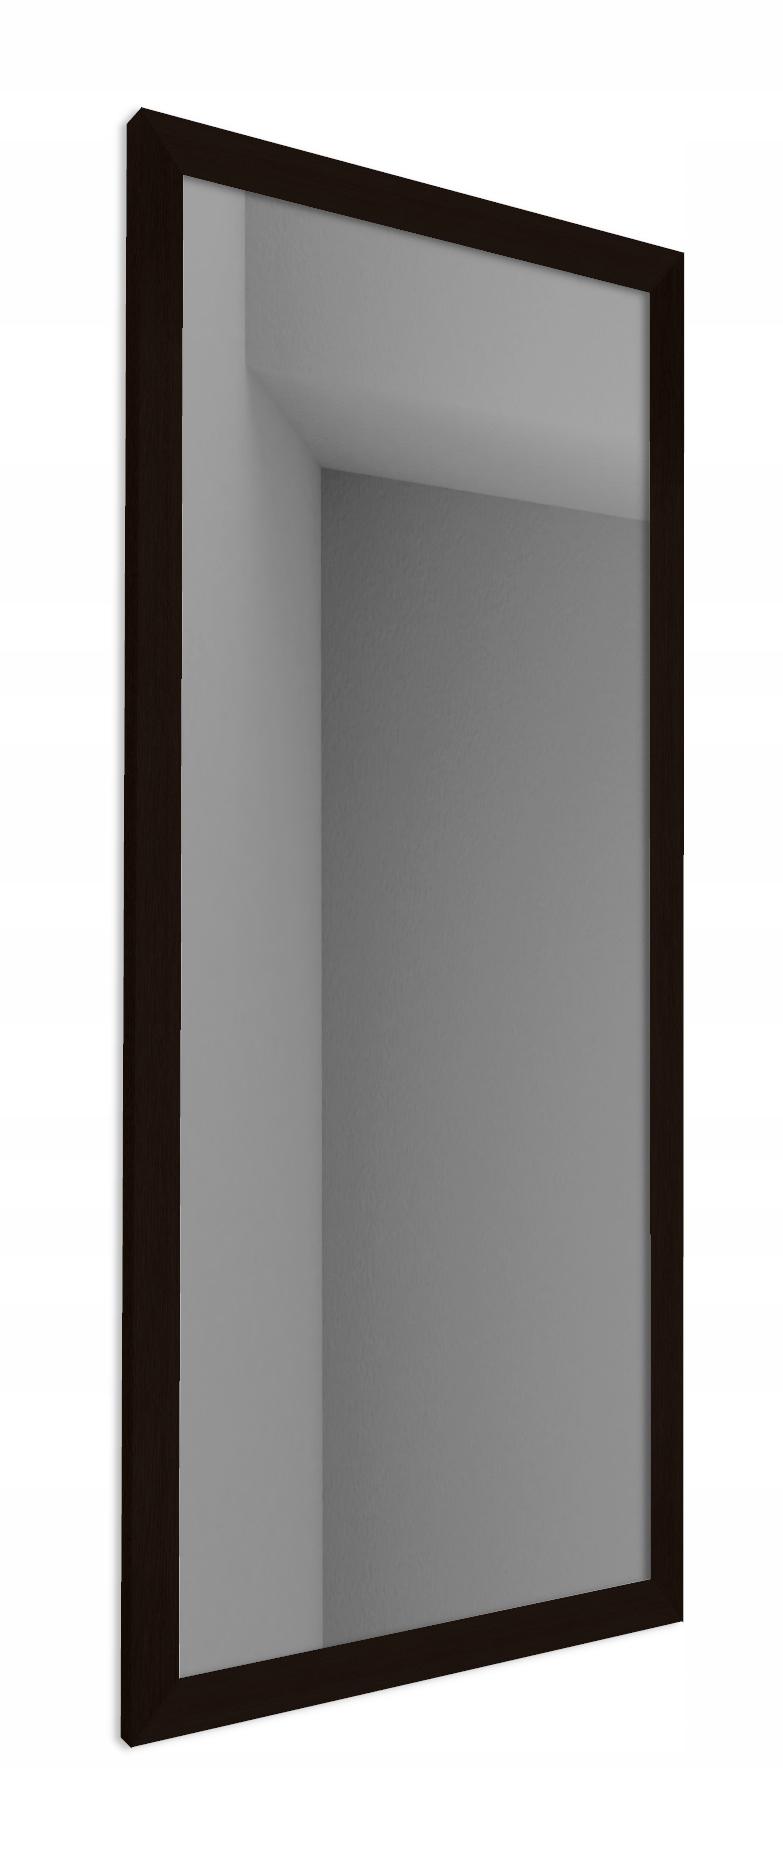 БОЛЬШОЕ ГРАФИТОВОЕ ЗЕРКАЛО С ЧЕРНОЙ РАМКОЙ 80 x 180 см